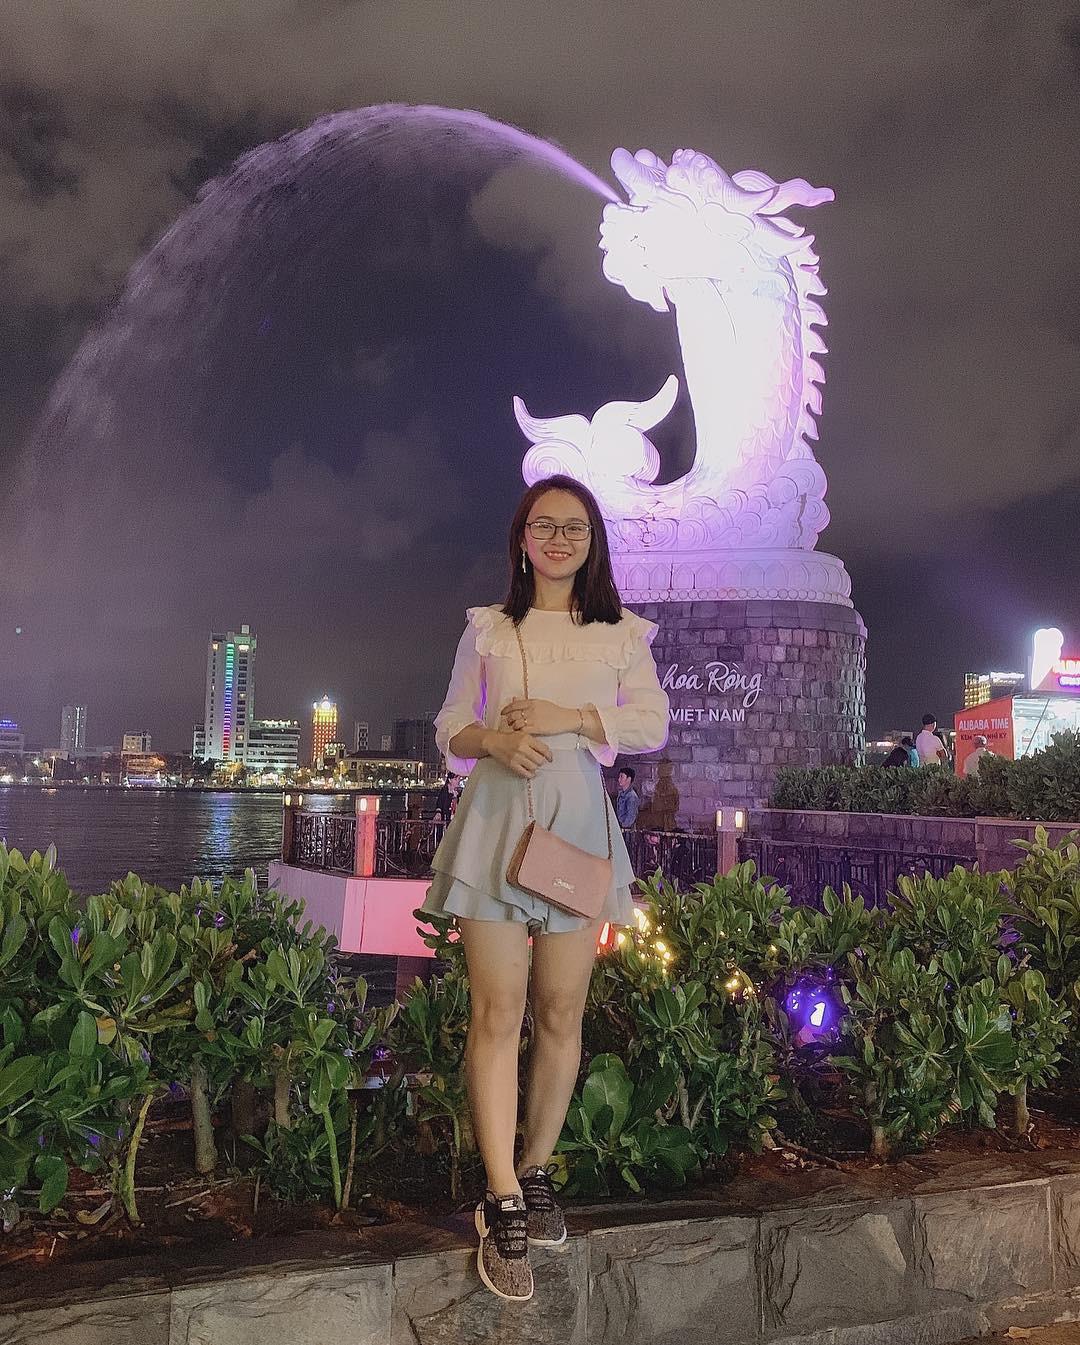 """Chỉ với 2 tọa độ cực phẩm này, Đà Nẵng đích thị là """"Singapore thu nhỏ"""" giữa lòng Việt Nam chứ đâu! - Ảnh 22."""